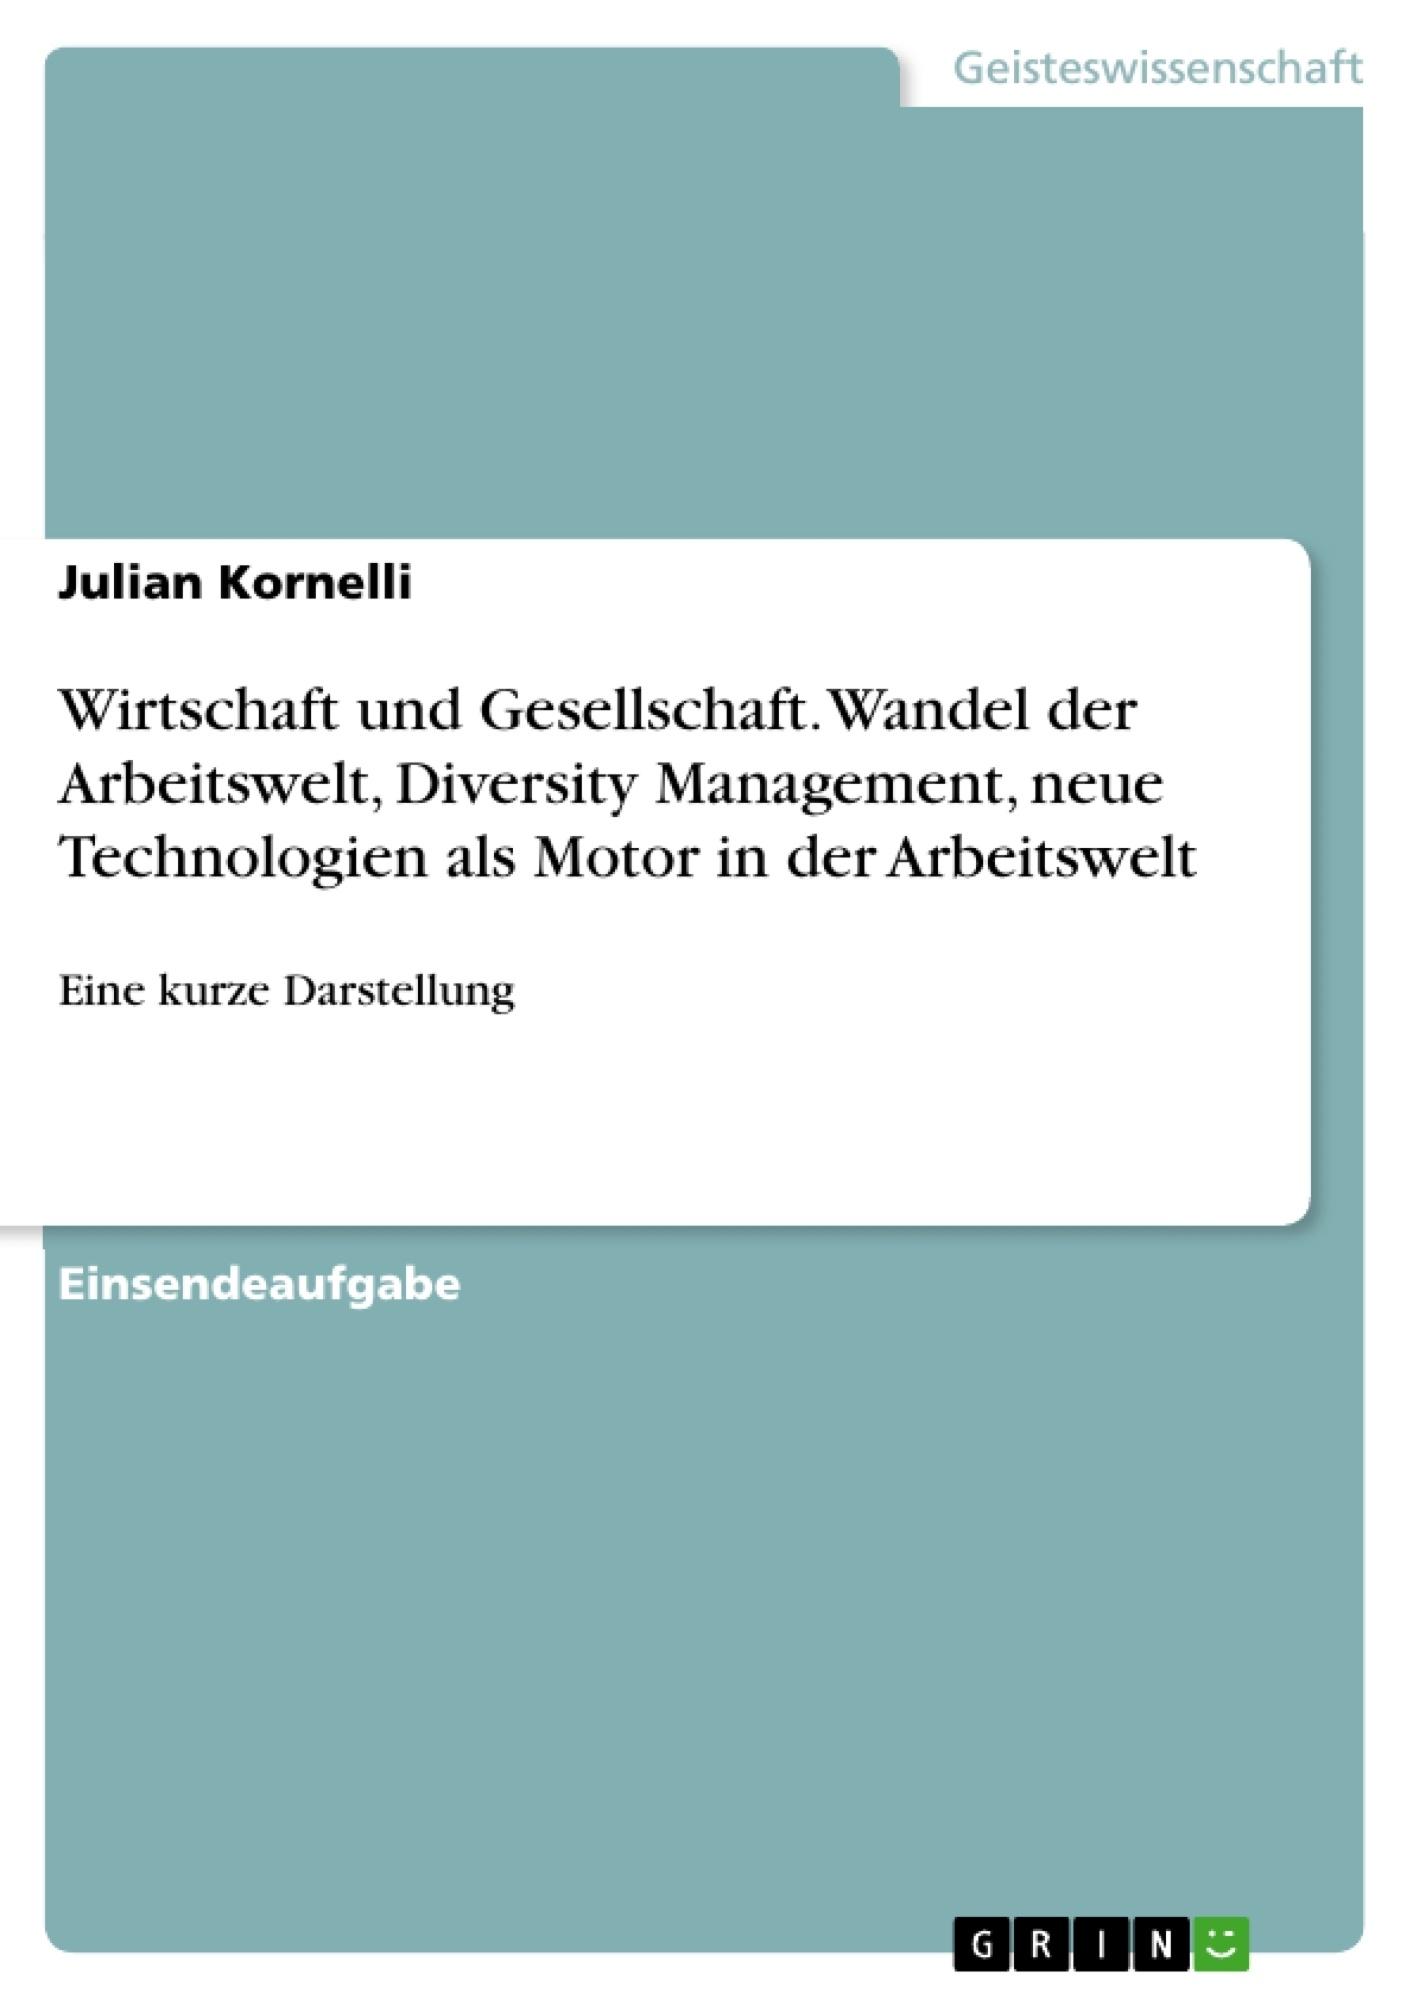 Titel: Wirtschaft und Gesellschaft. Wandel der Arbeitswelt, Diversity Management, neue Technologien als Motor in der Arbeitswelt